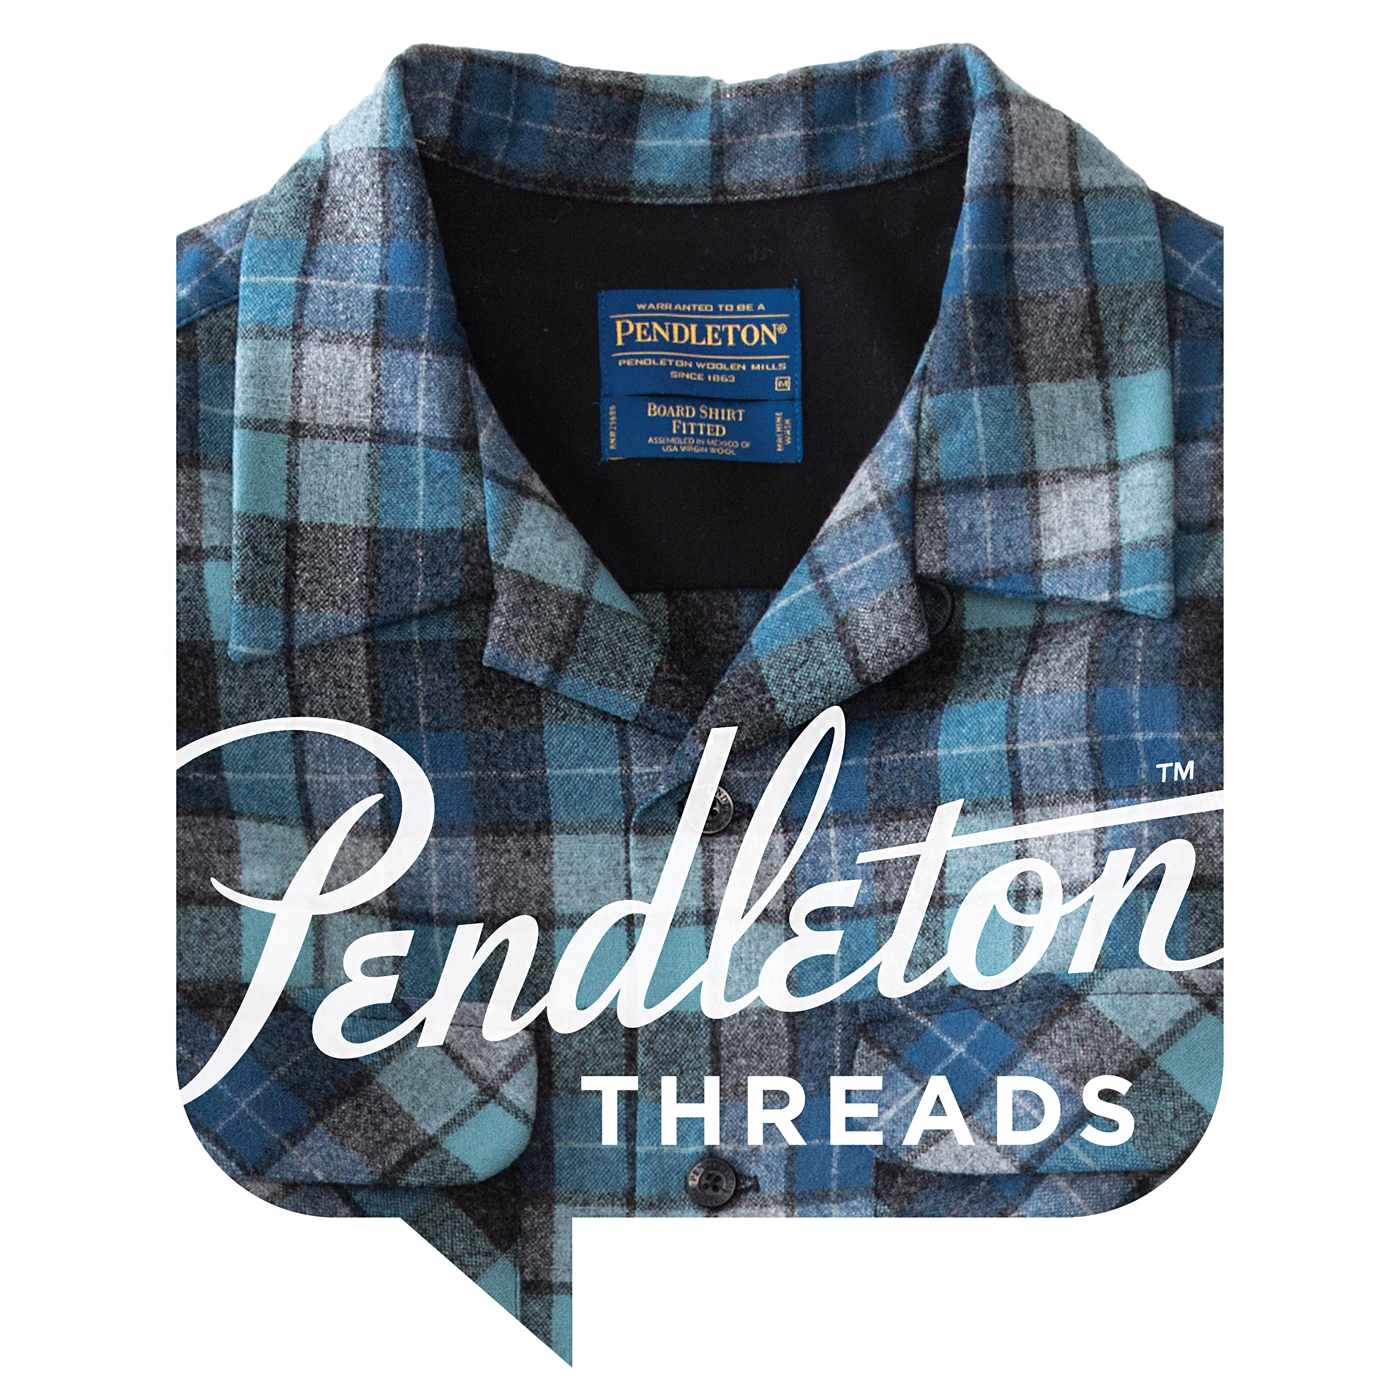 Pendleton Threads show art